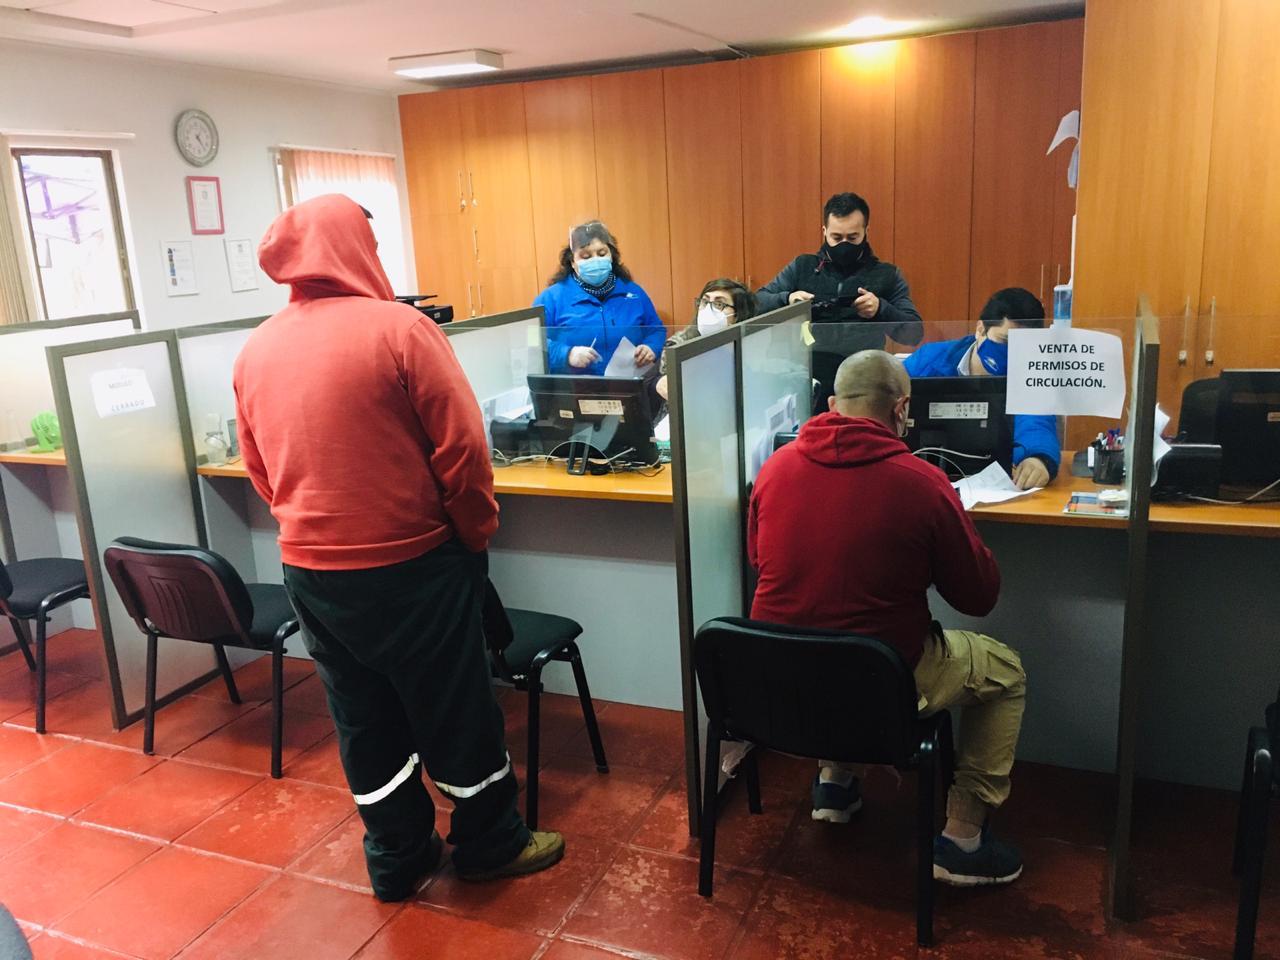 Municipio de San Clemente recuerda que hasta el lunes 31 de agosto hay plazo para pagar la segunda cuota del permiso de circulación 2020